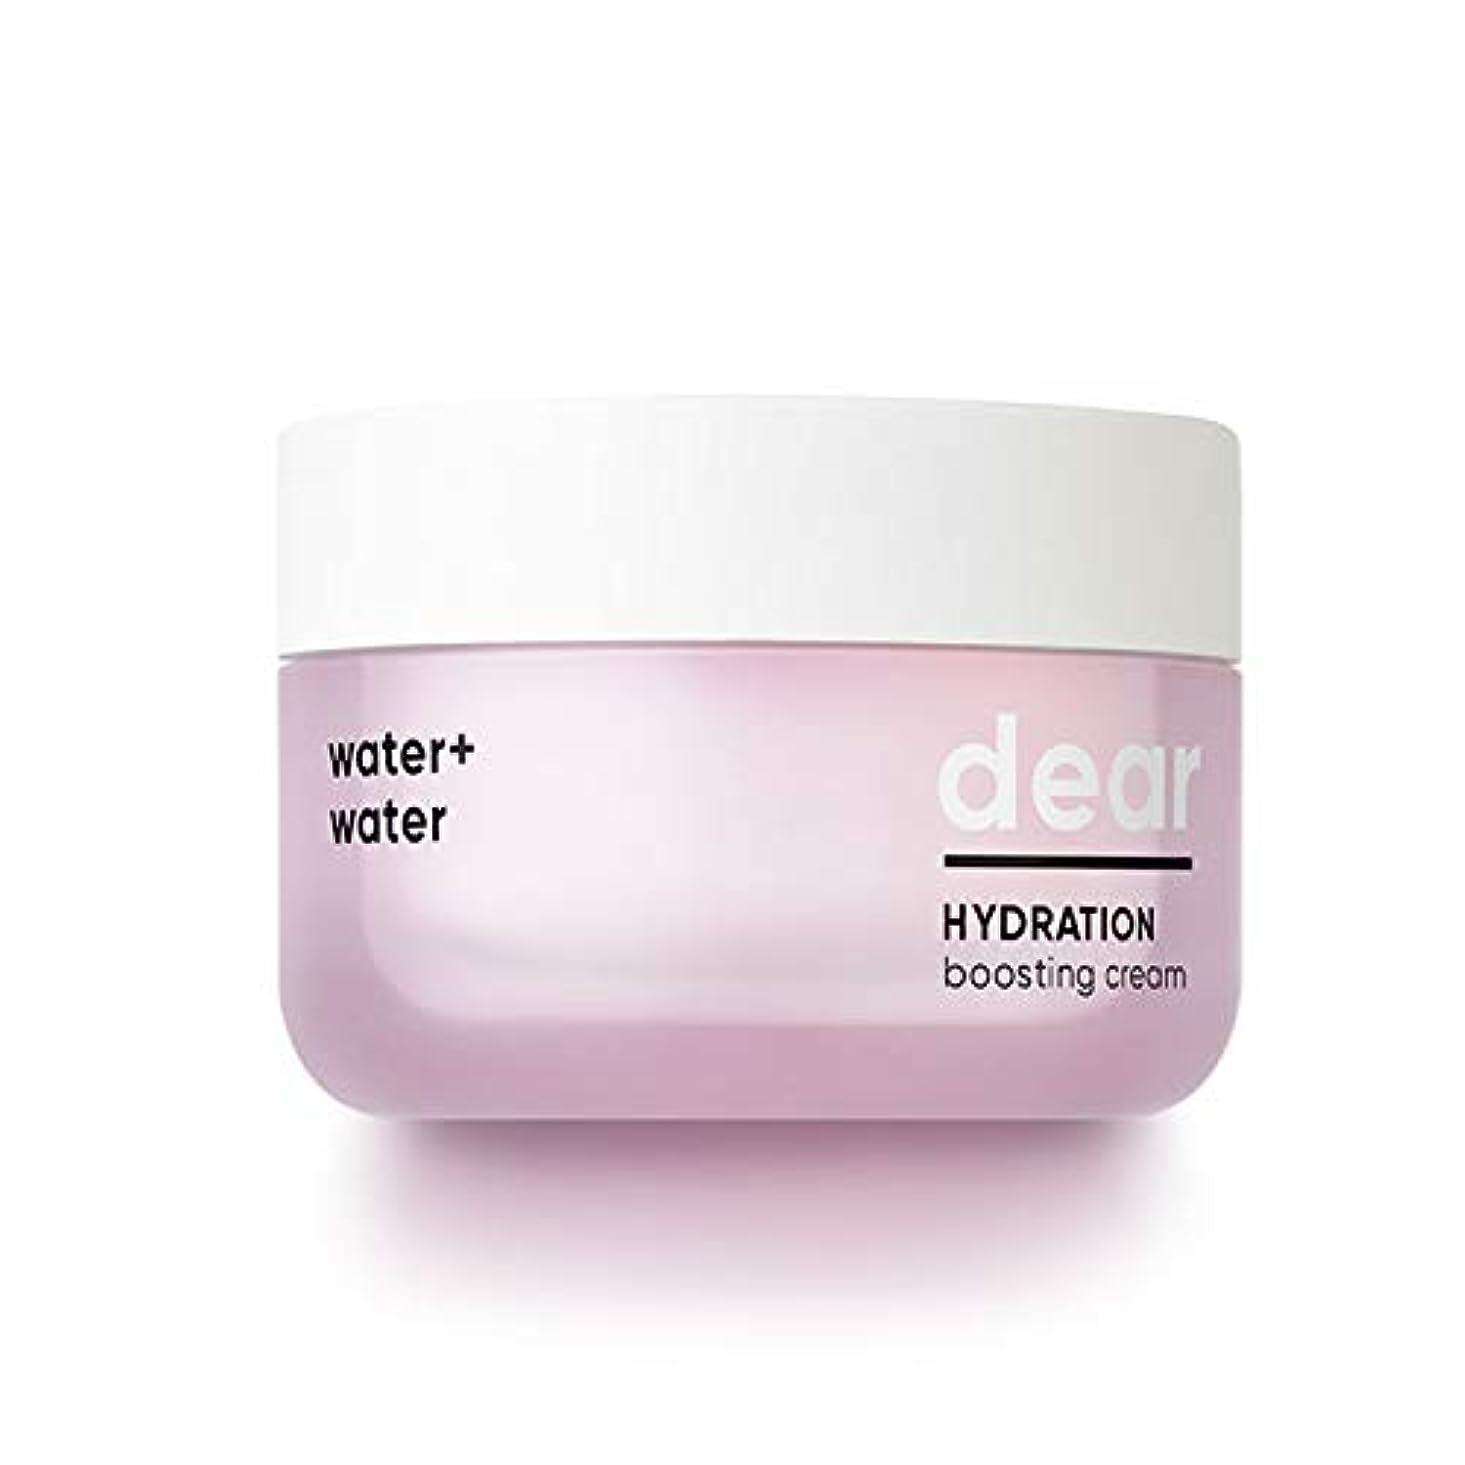 敬の念アシストシャッフルBANILA CO(バニラコ) ディア ハイドレーション ブースティングクローム Dear Hydration Boosting Cream